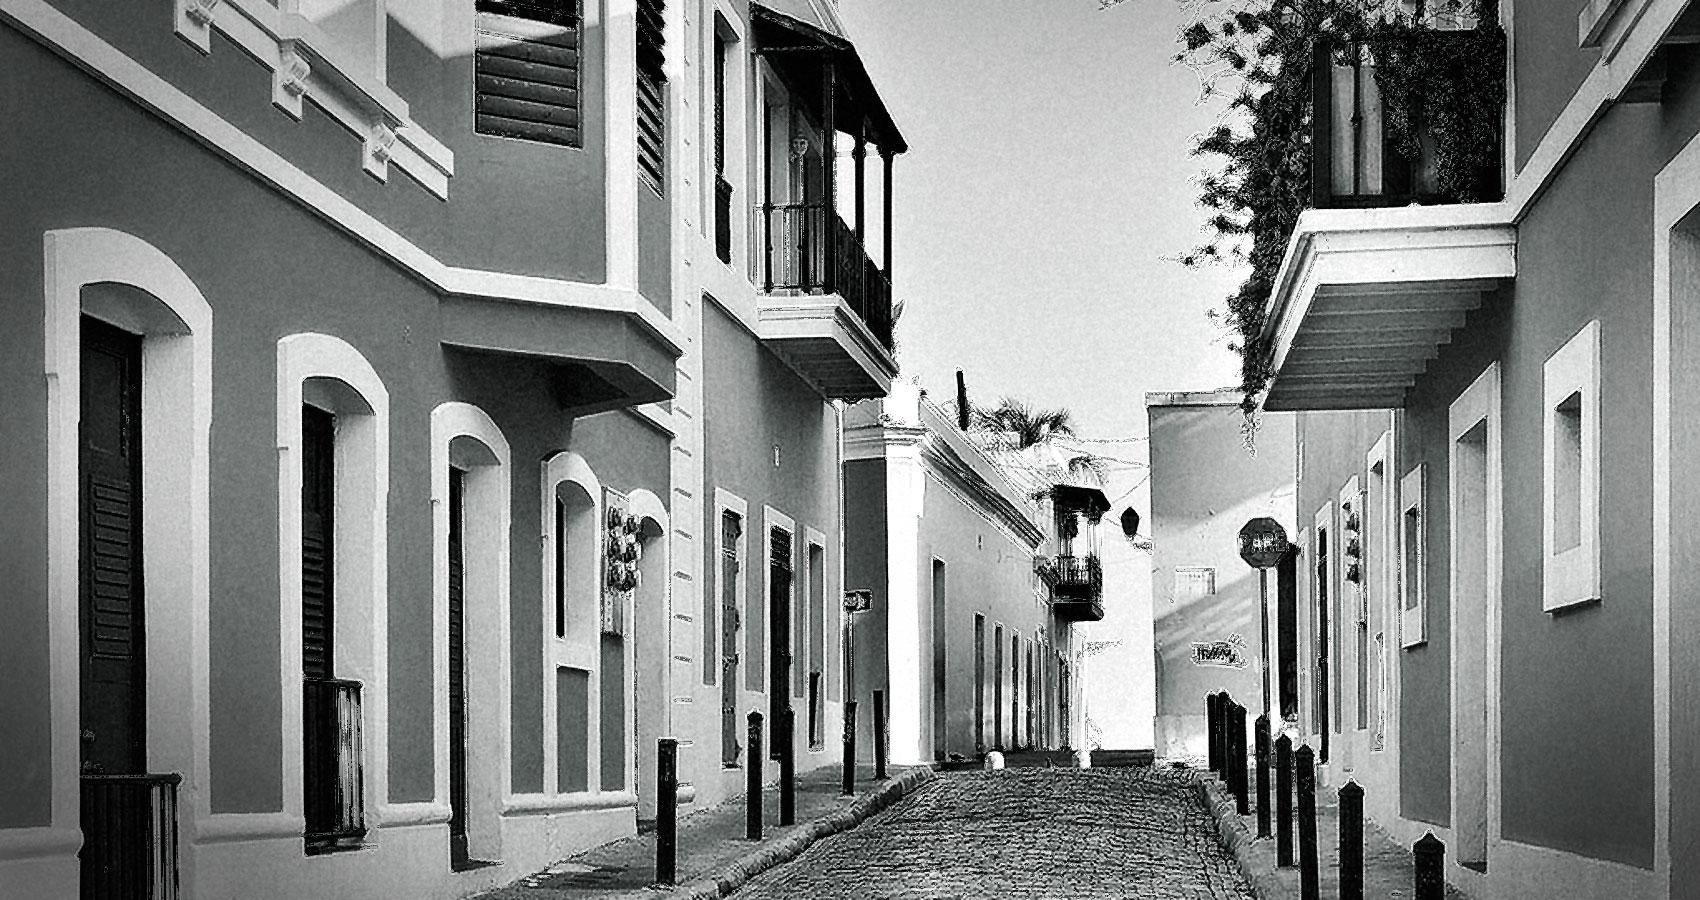 Boulevard del Valle by José A Gómezat Spillwords.com